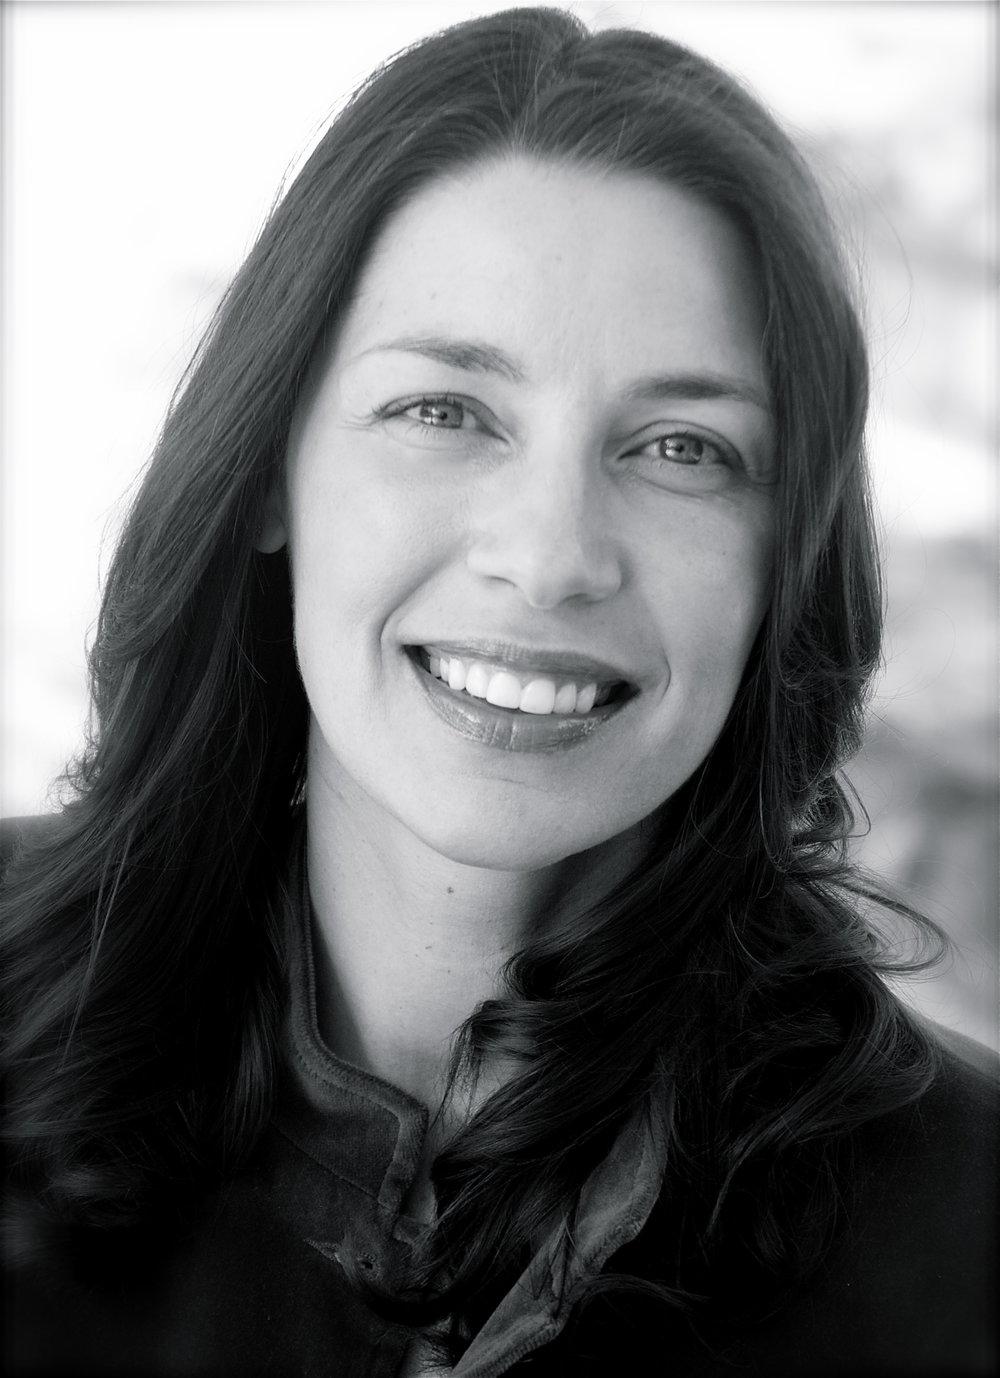 Micha Espinosa